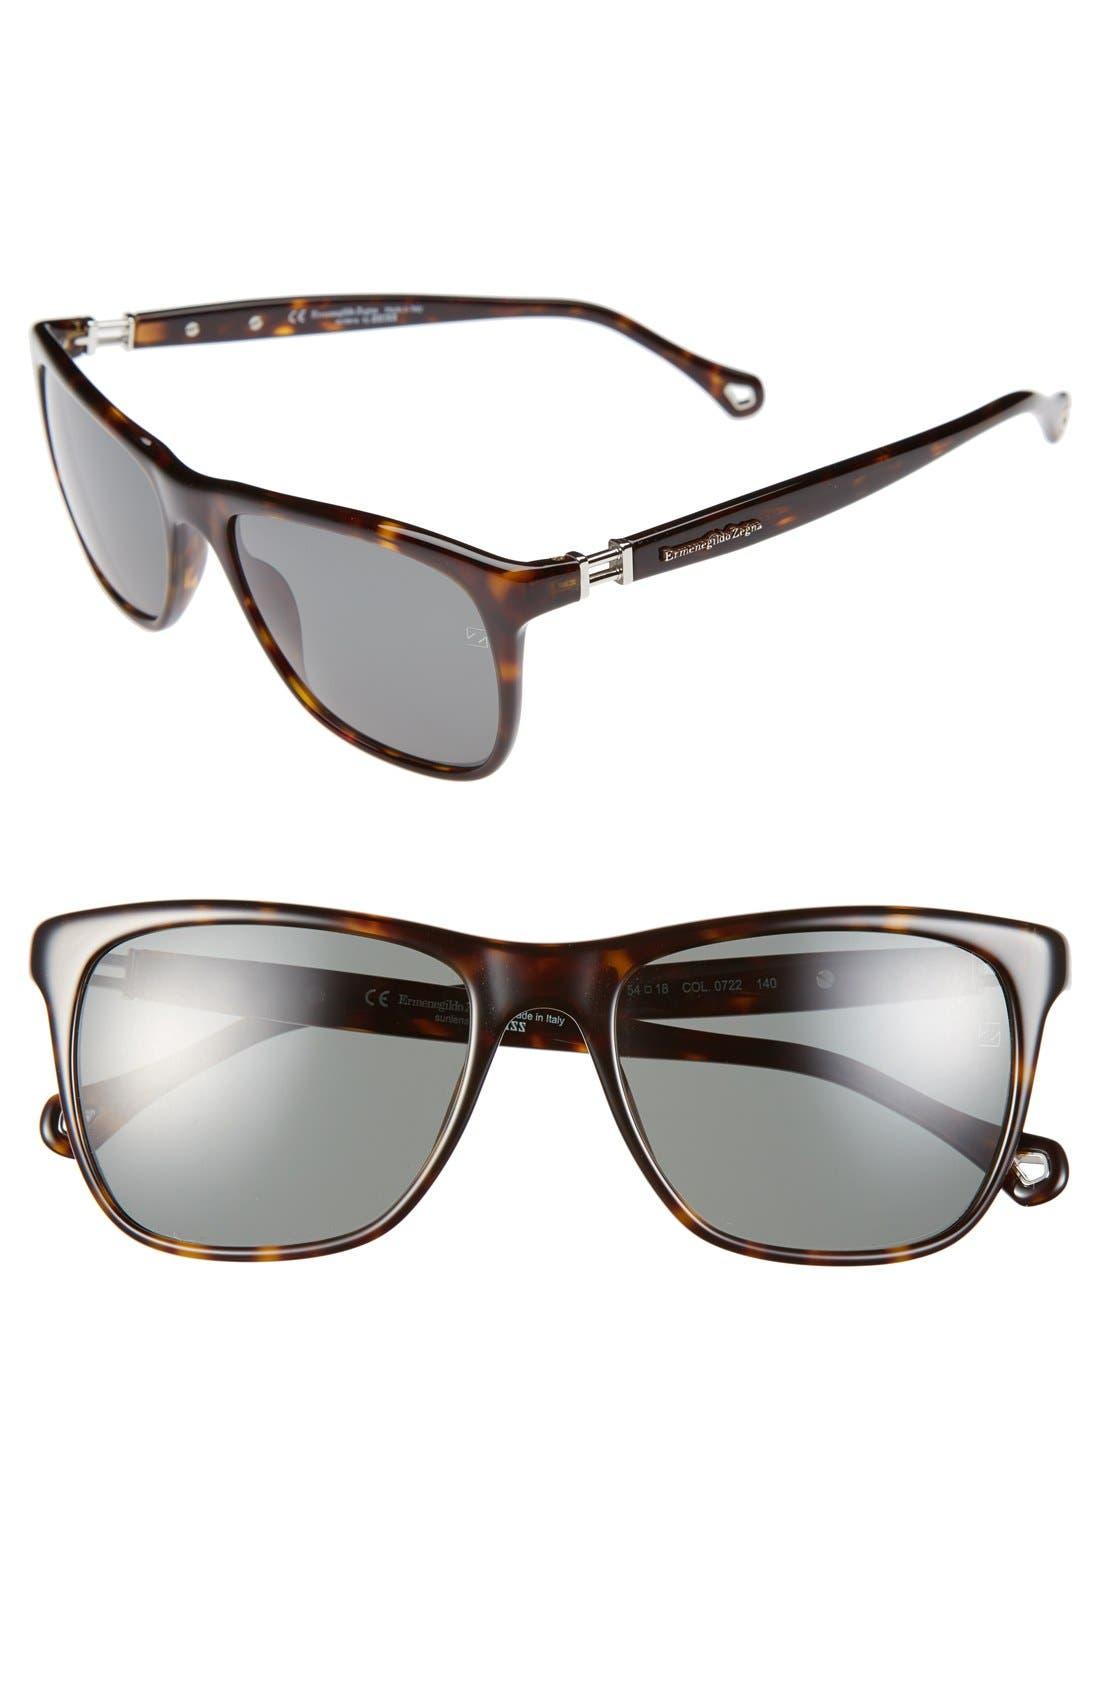 Main Image - Ermenegildo Zegna 54mm Sunglasses